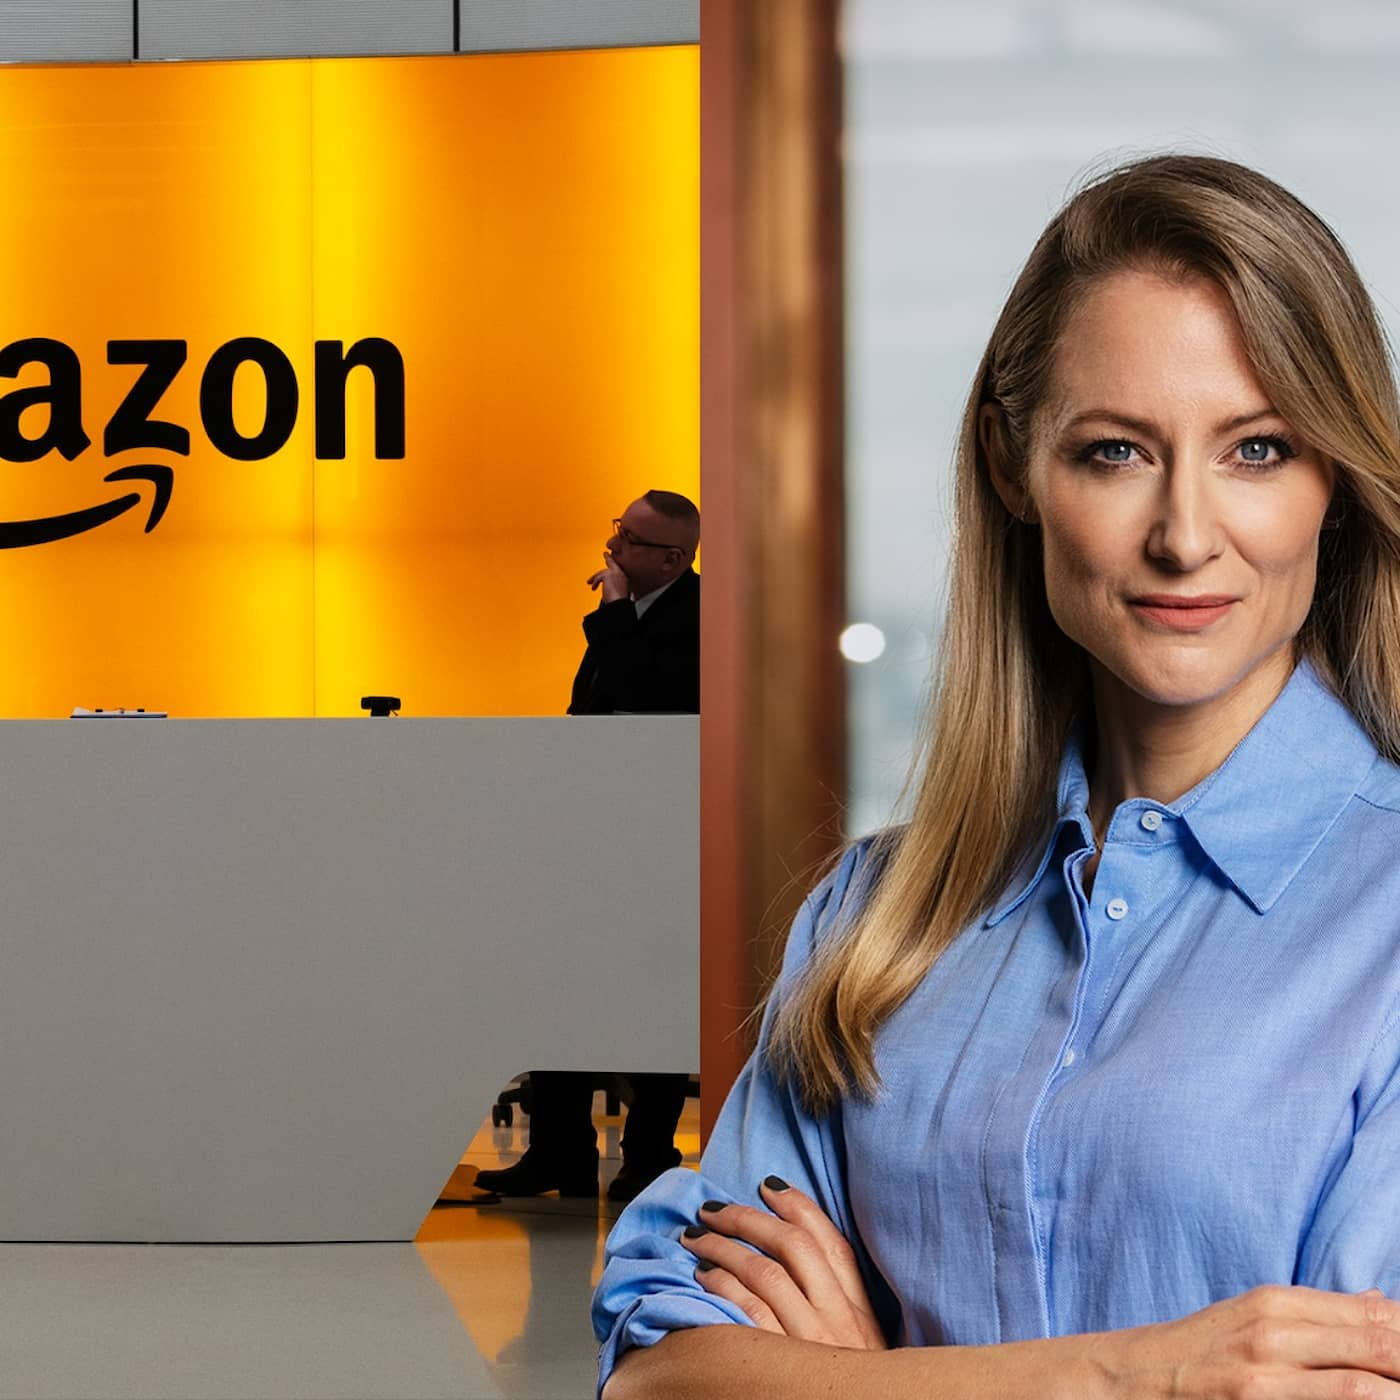 Amazon - från garageföretag till massövervakning